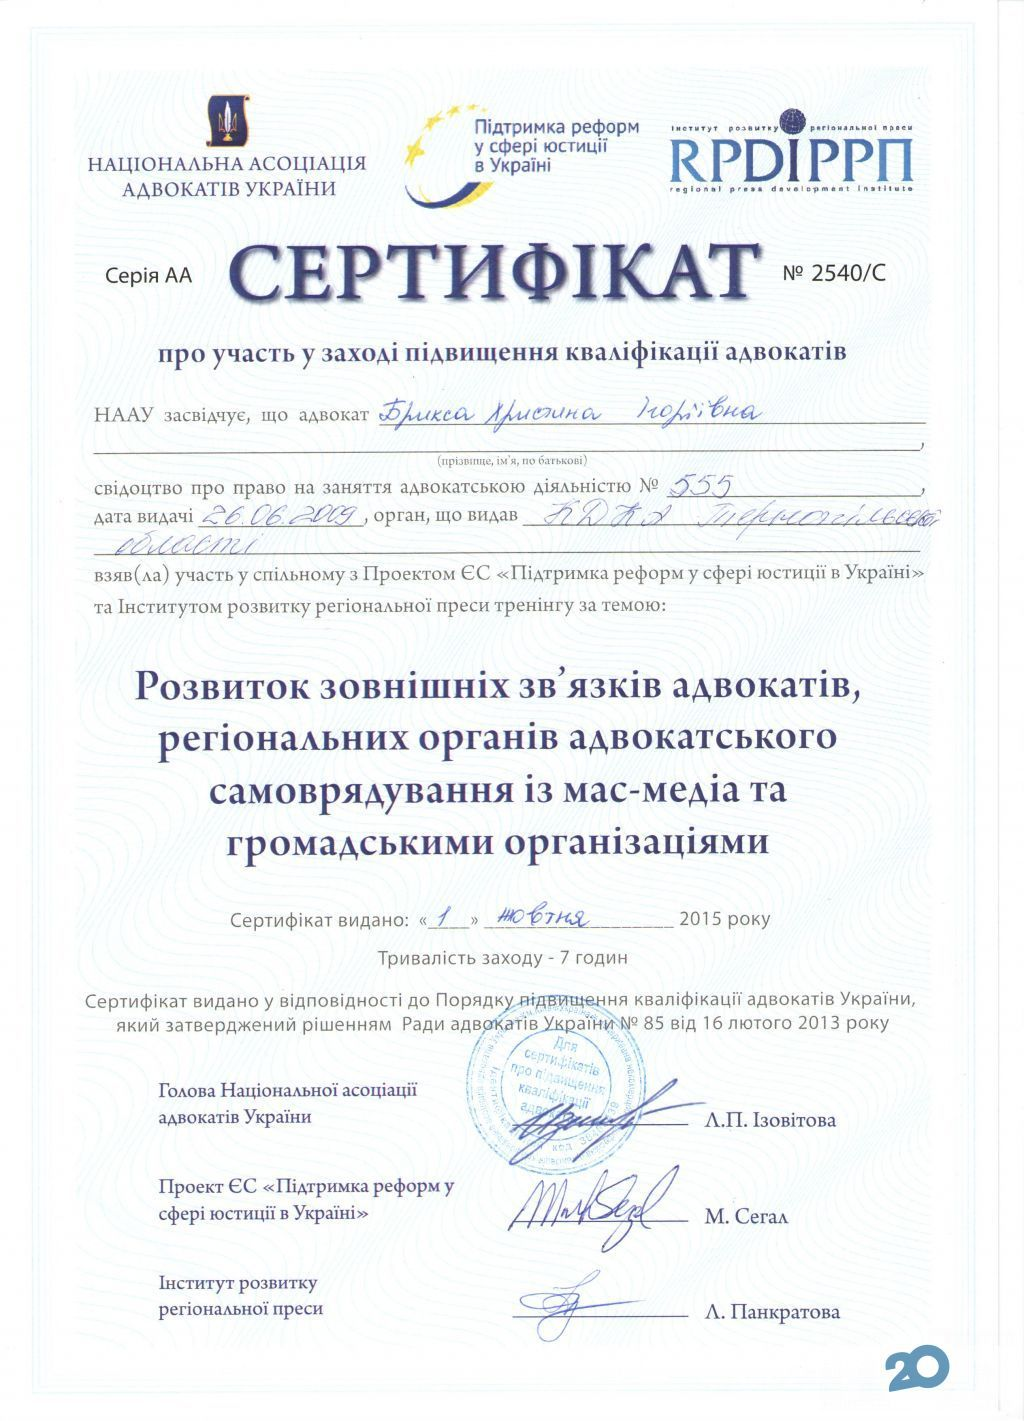 Адвокат Брикса Христина - фото 6